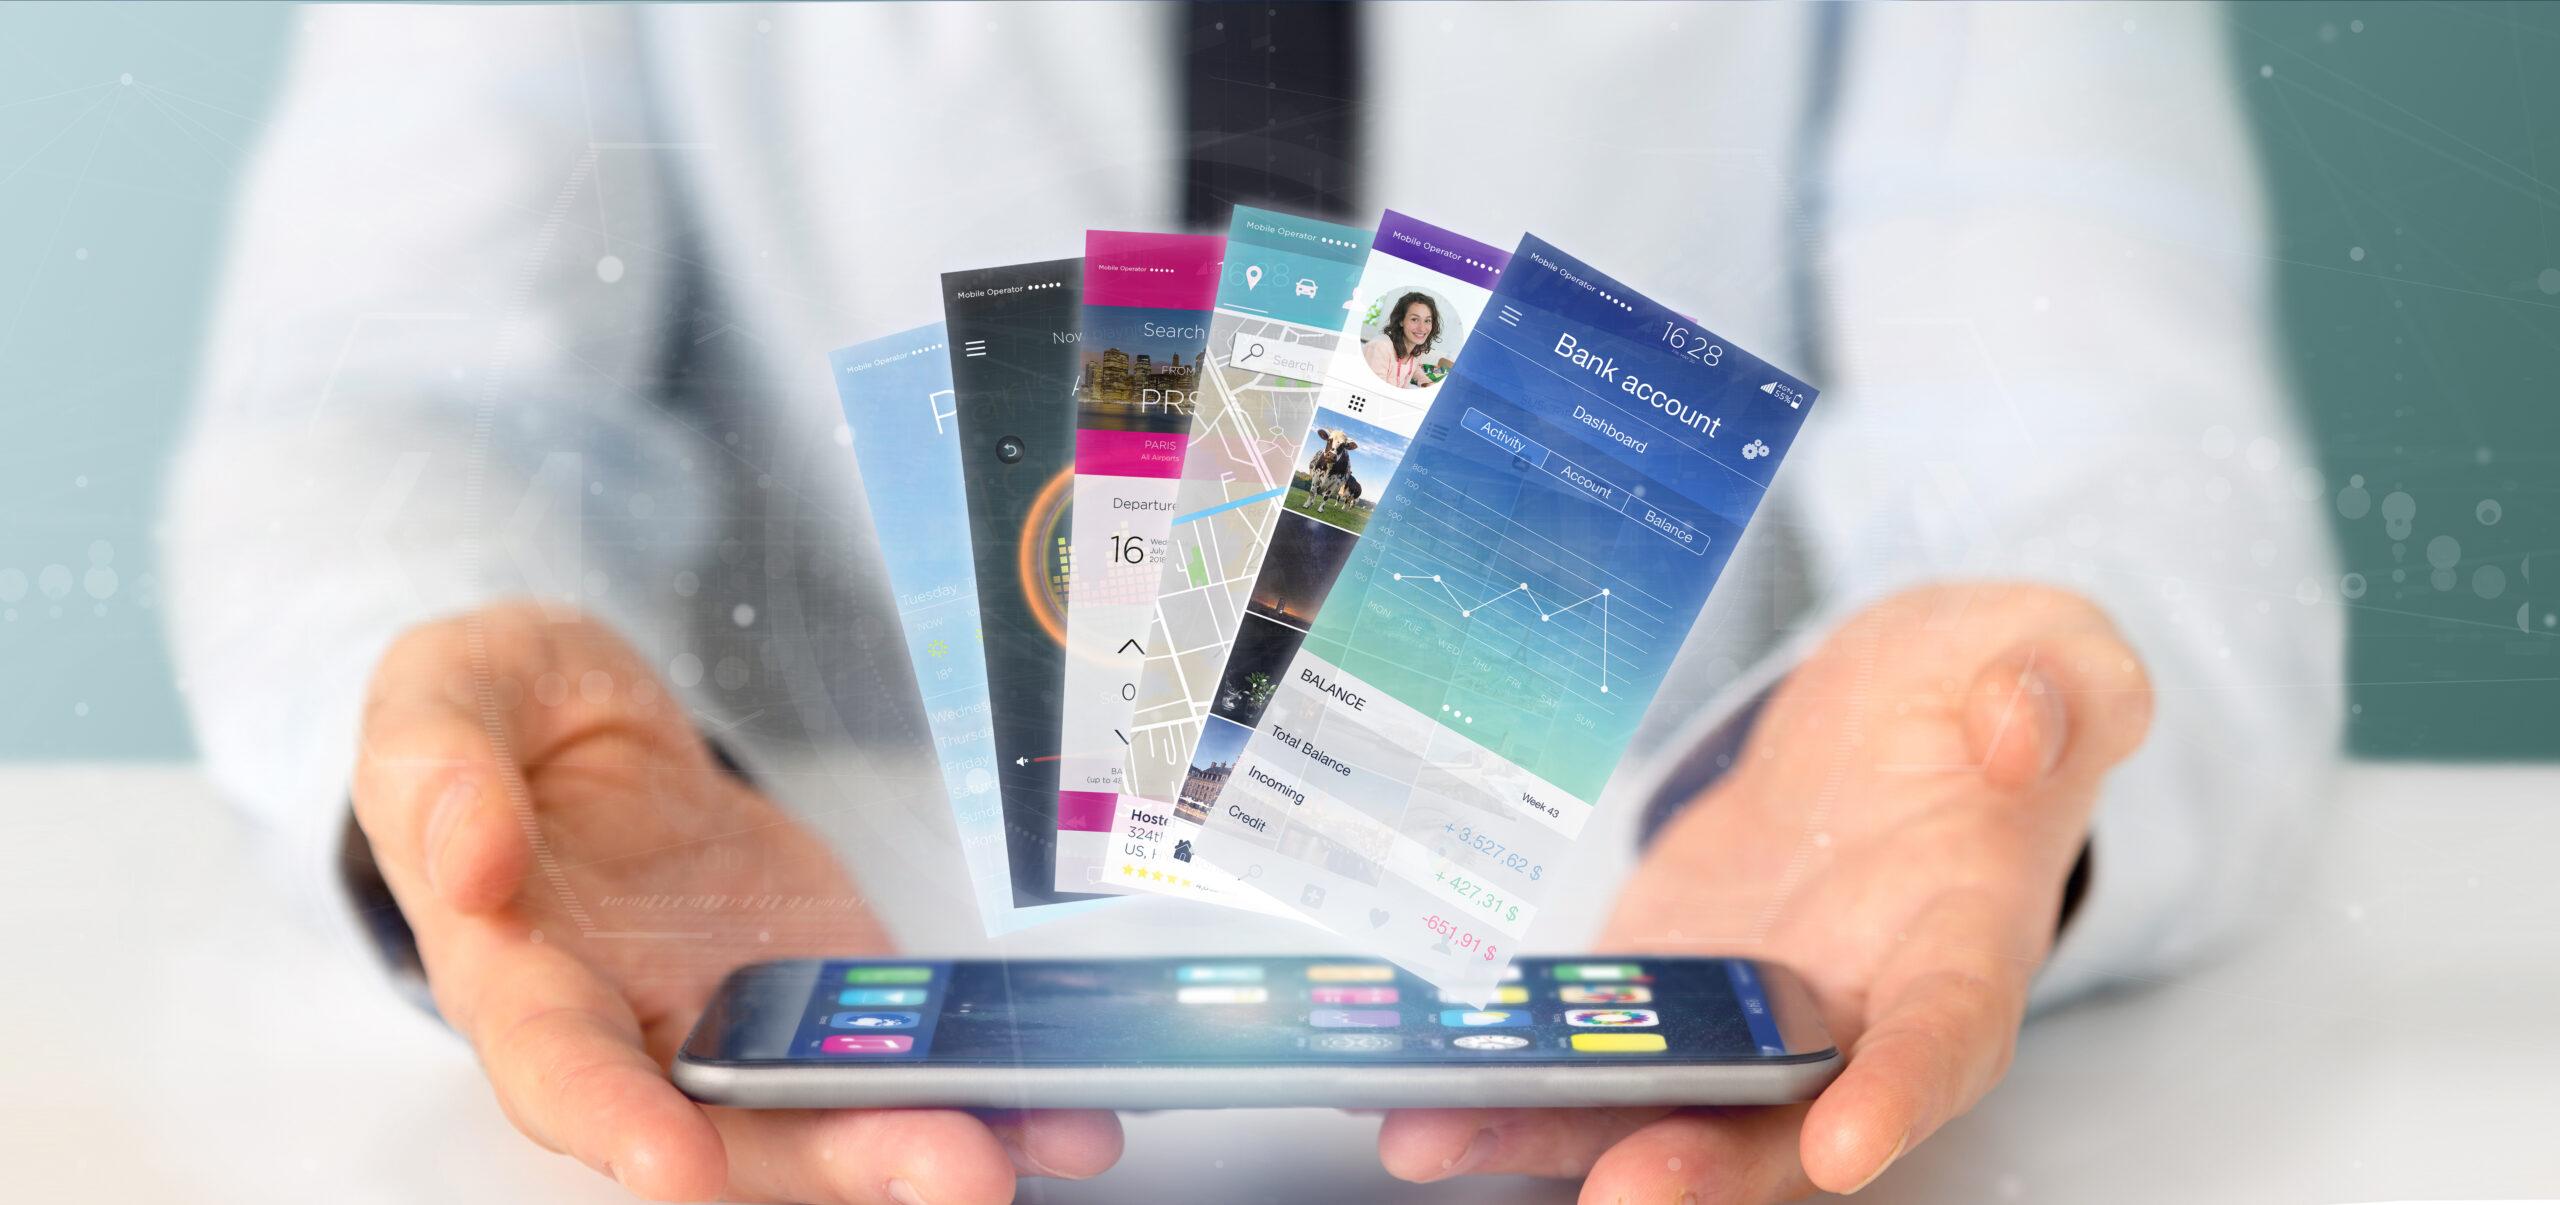 【23卒】スカウト型の就活アプリを実際に利用してわかったおすすめのアプリ6選